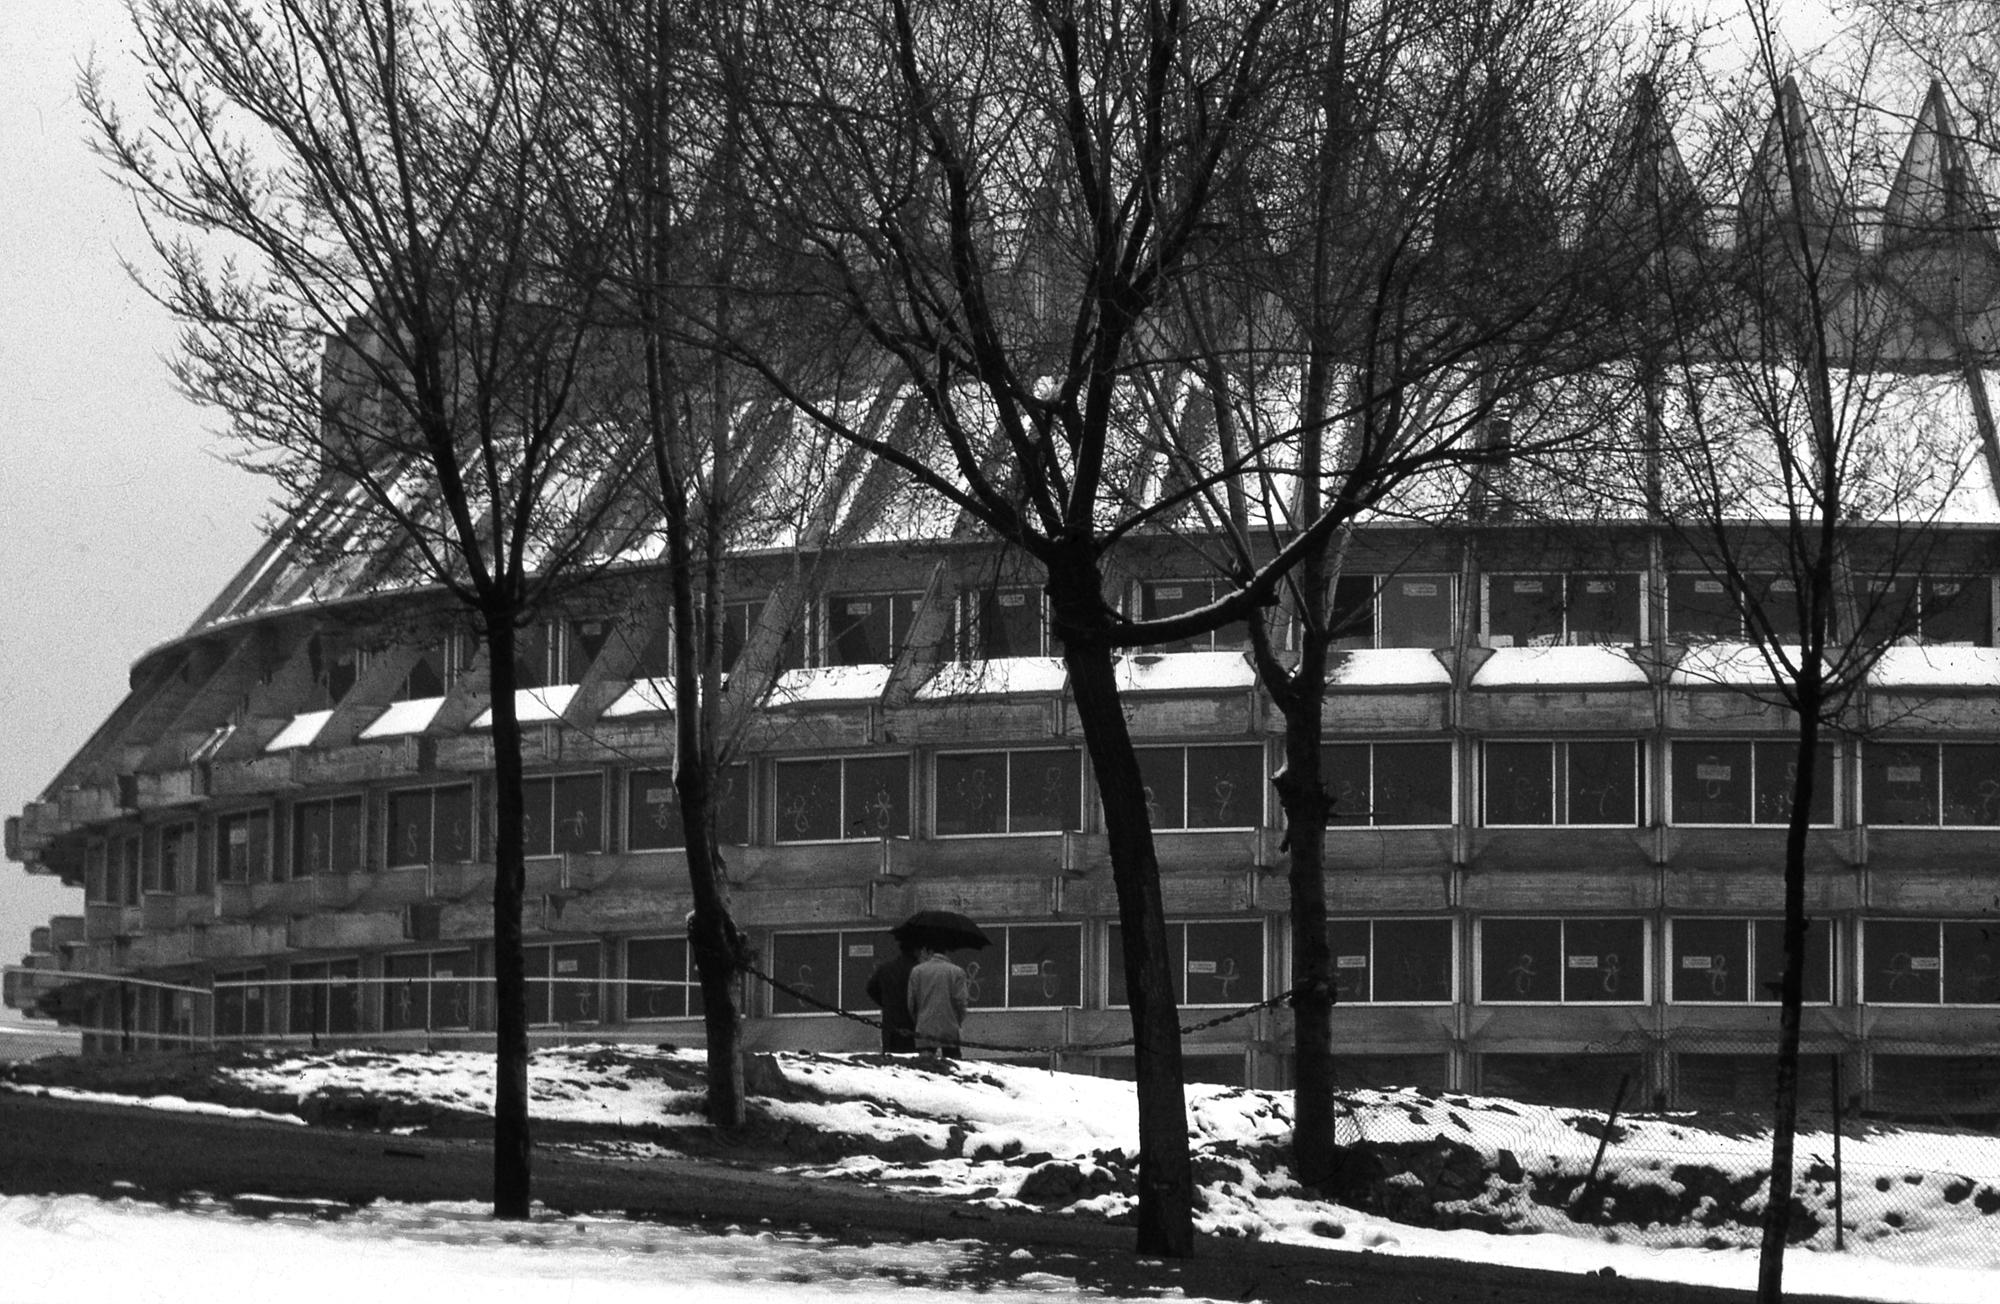 Centro de restauraciones, 'la Corona de Espinas' Ciudad Universitaria, Madrid Proyecto de F. Higueras en colaboración con Antonio Miró y J. A. Fernández Ordóñez 1965-1985